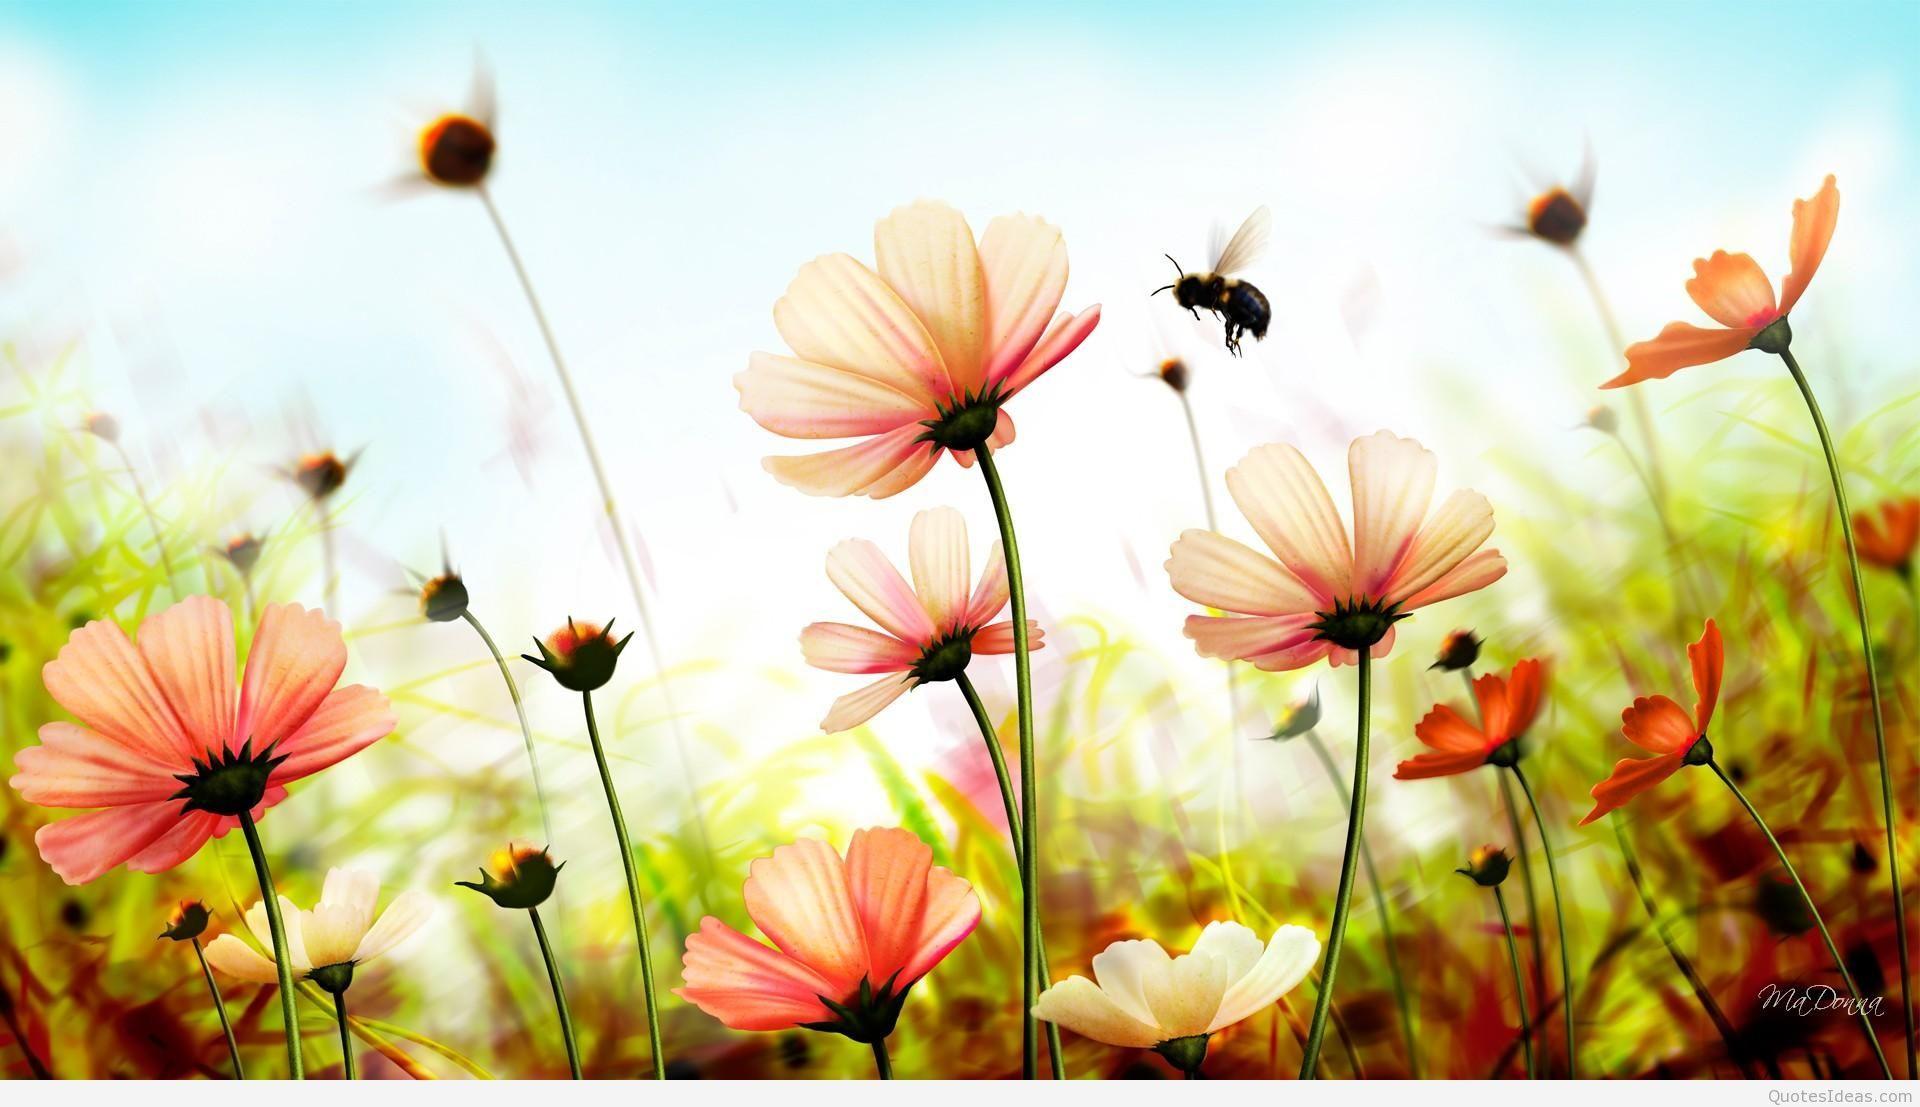 Summer Beach Wallpaper Wallpapers Hd Carwalluscom Deskto Summer Wallpaper Flower Wallpaper Wallpaper Iphone Summer